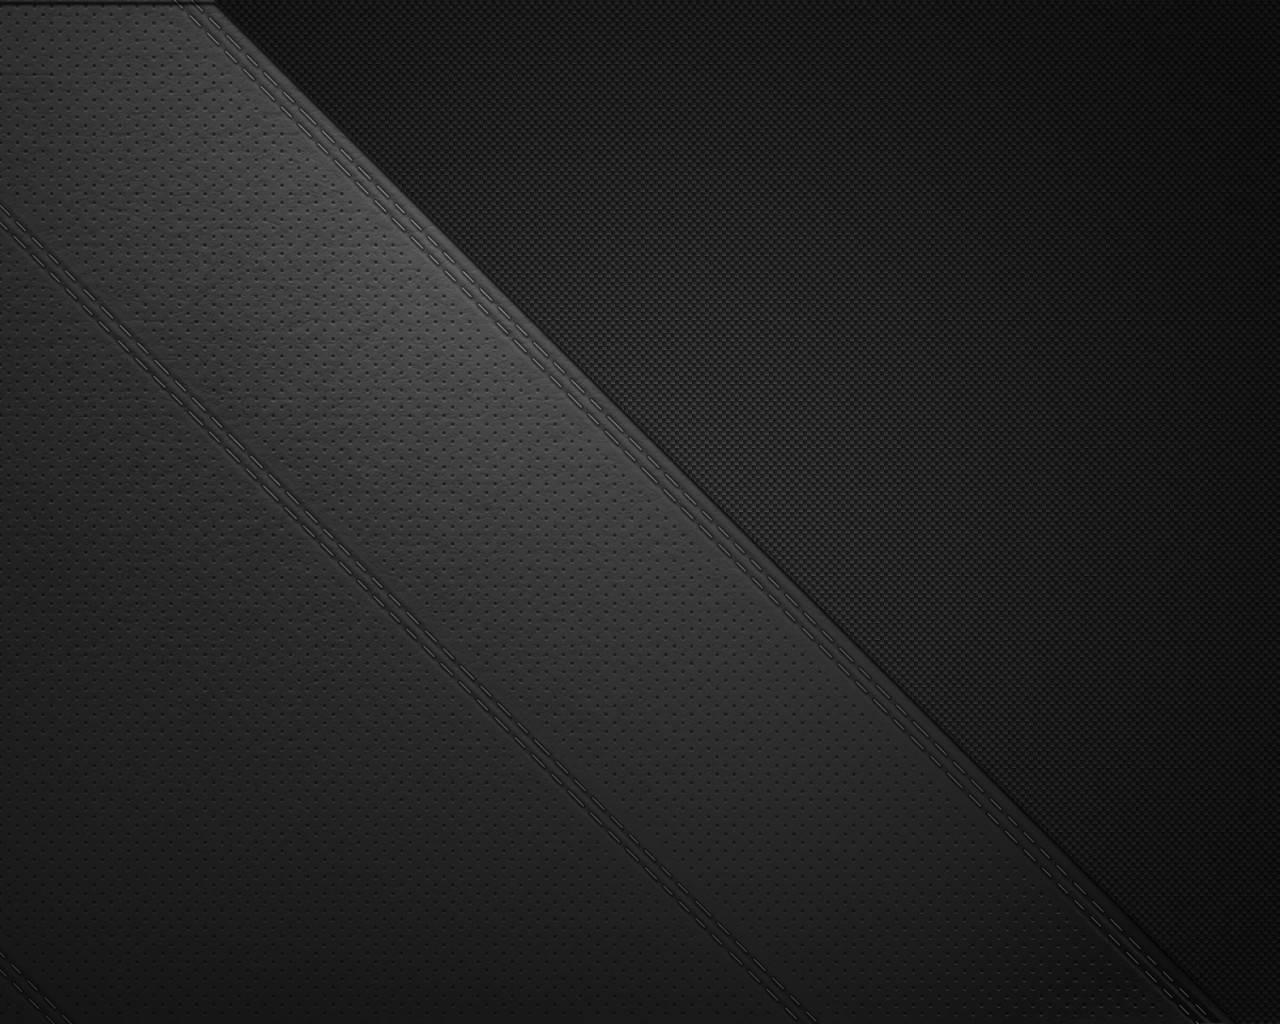 minimalistic wall grey skin wallpaper